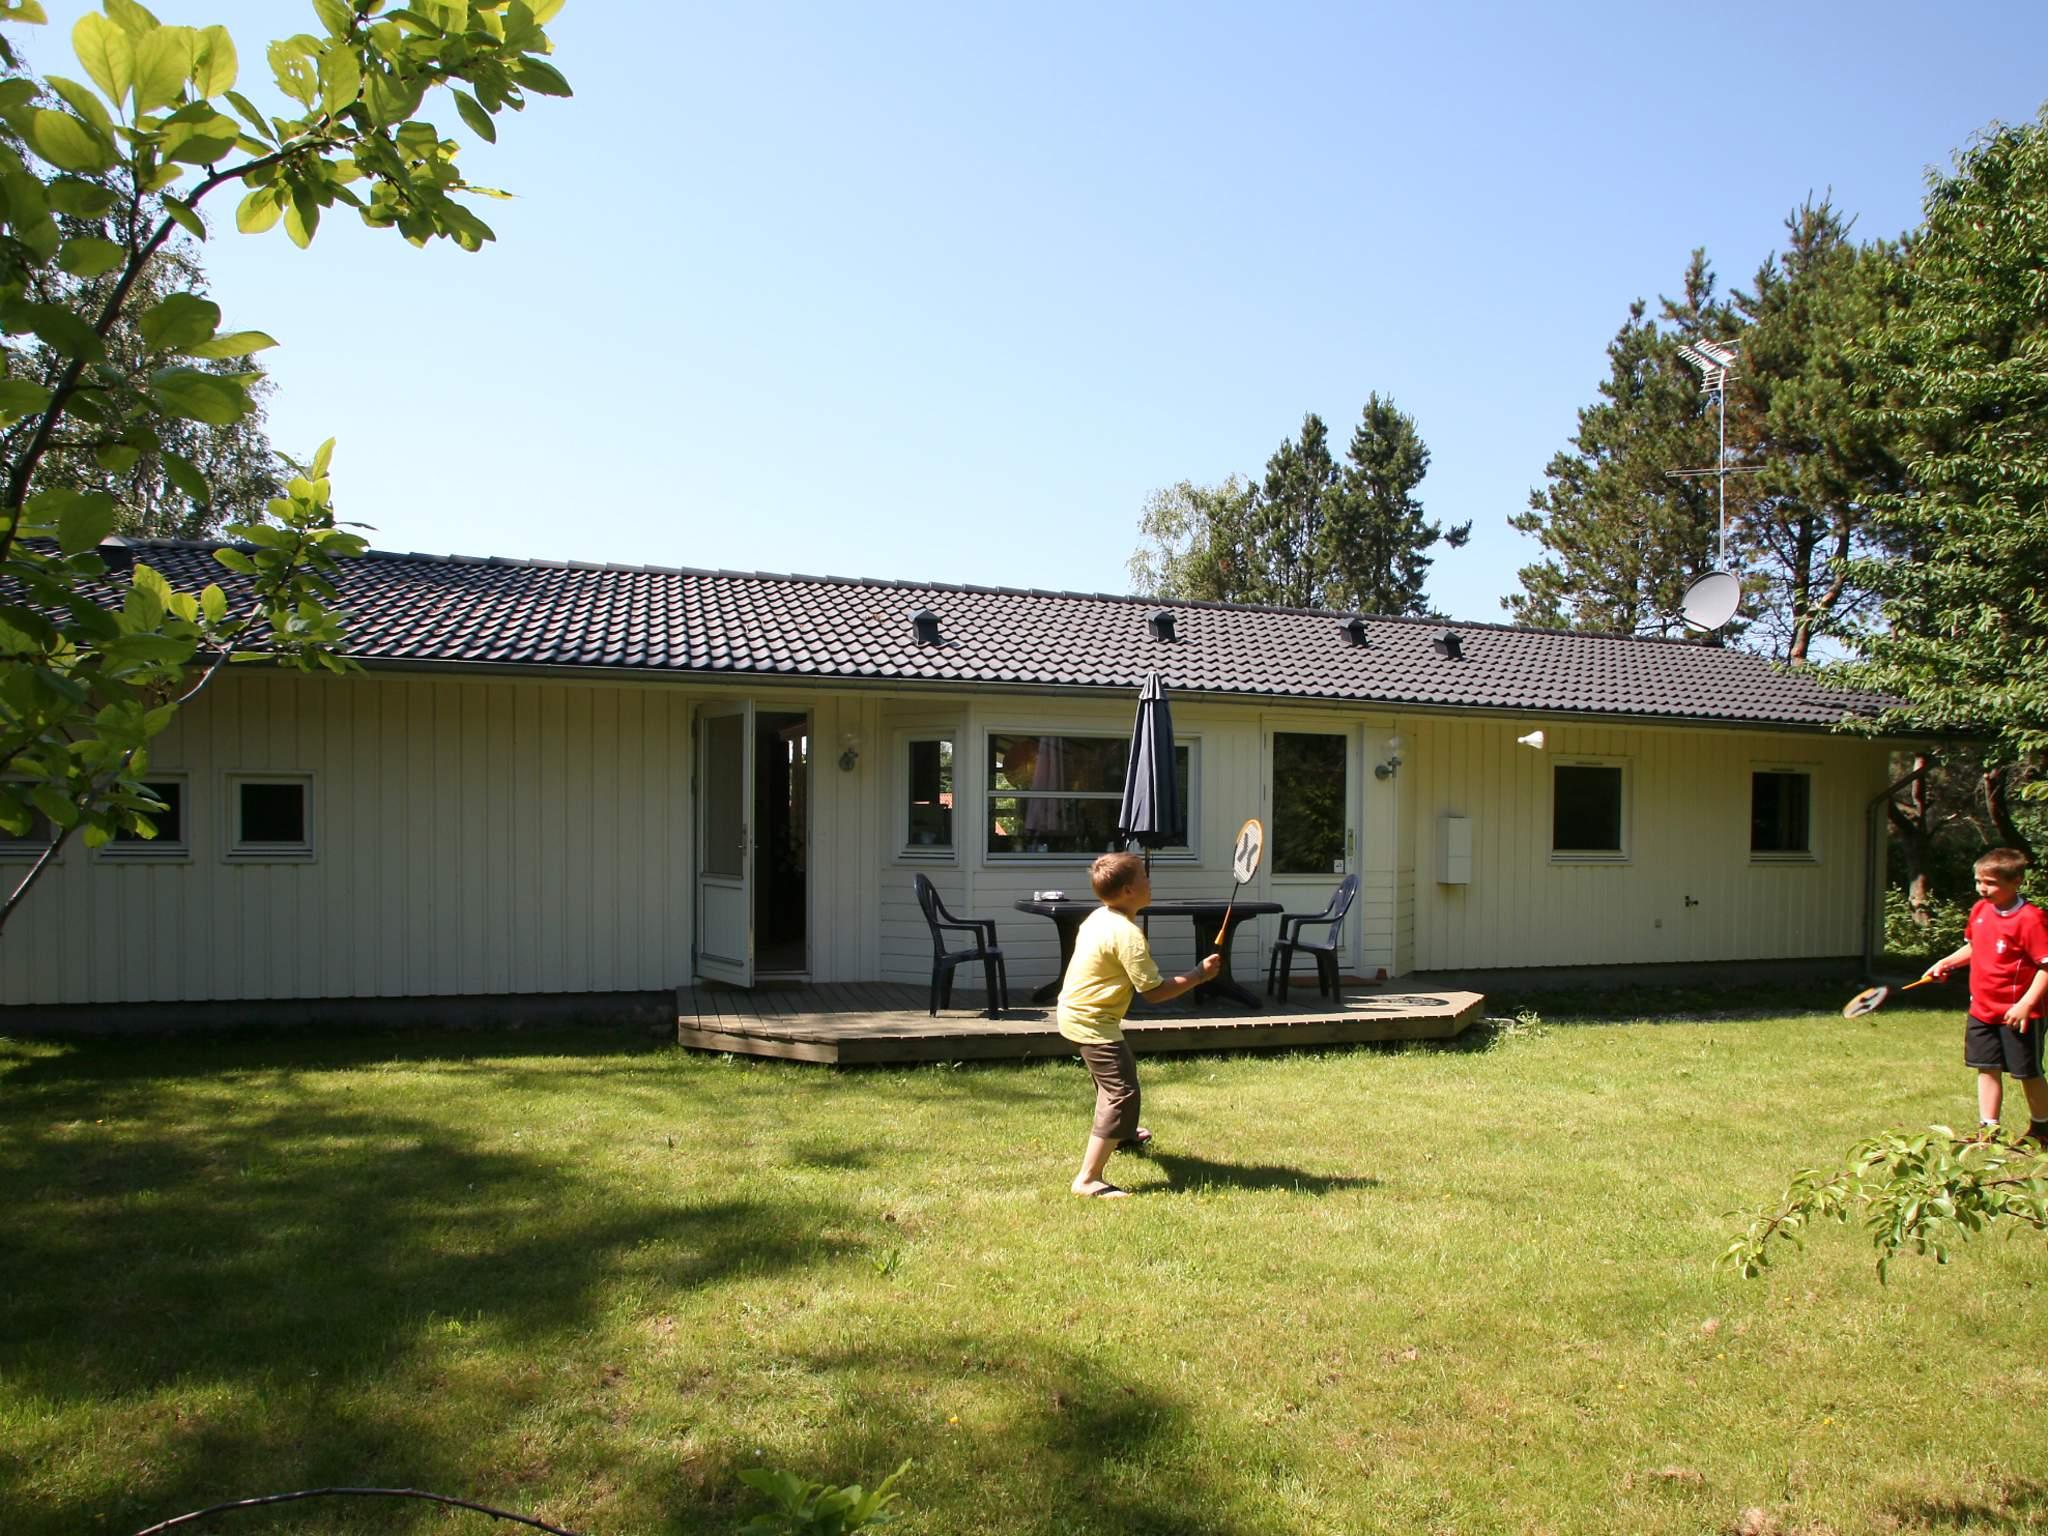 Ferienhaus Udsholt Strand (124746), Udsholt, , Nordseeland, Dänemark, Bild 14